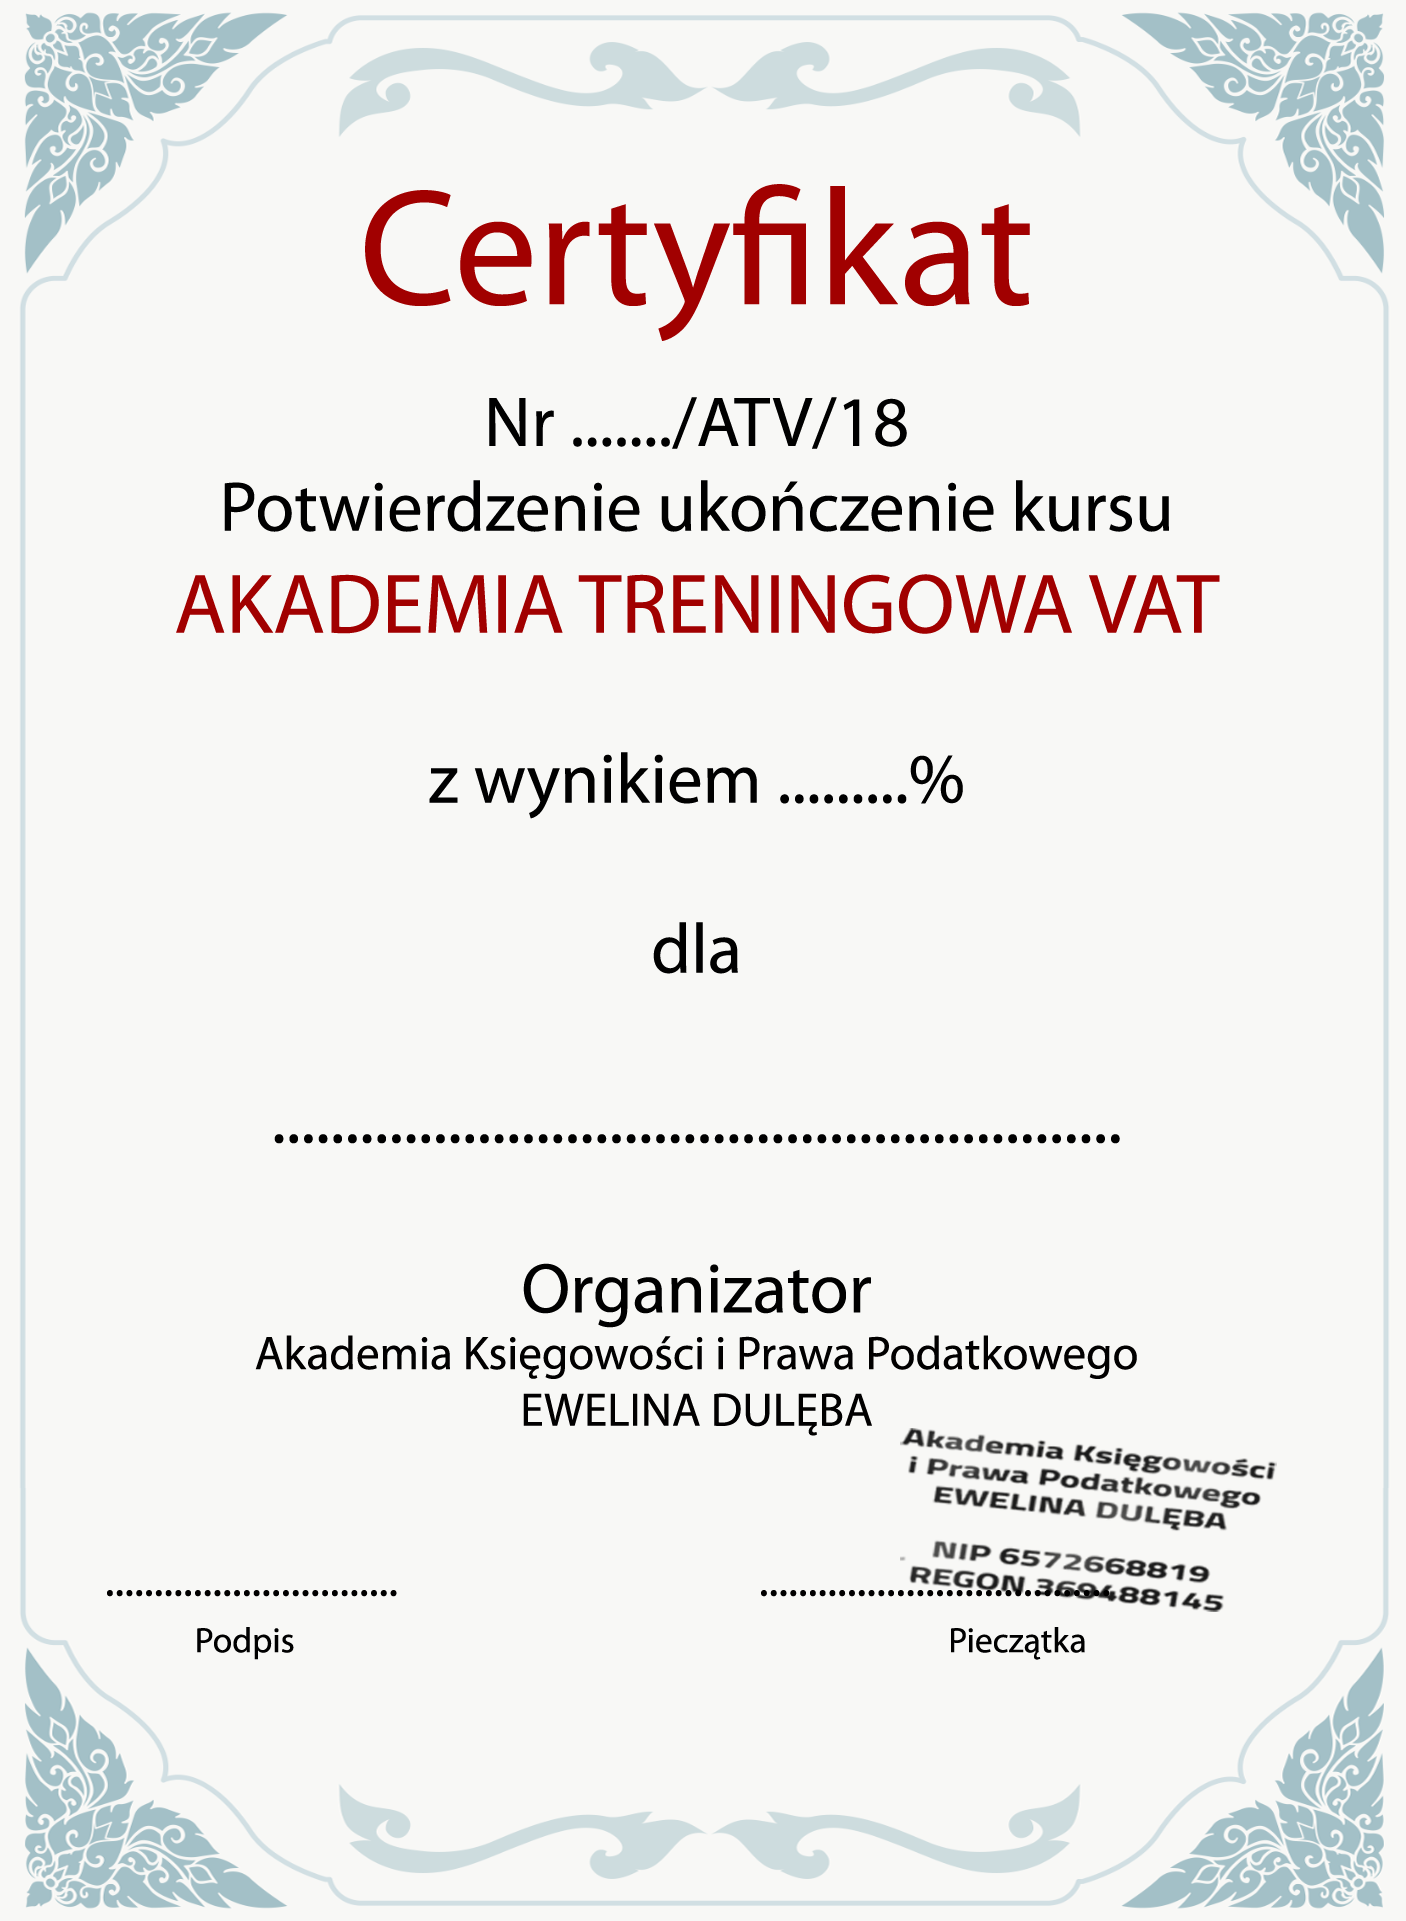 Szklenie z vat certyfikat